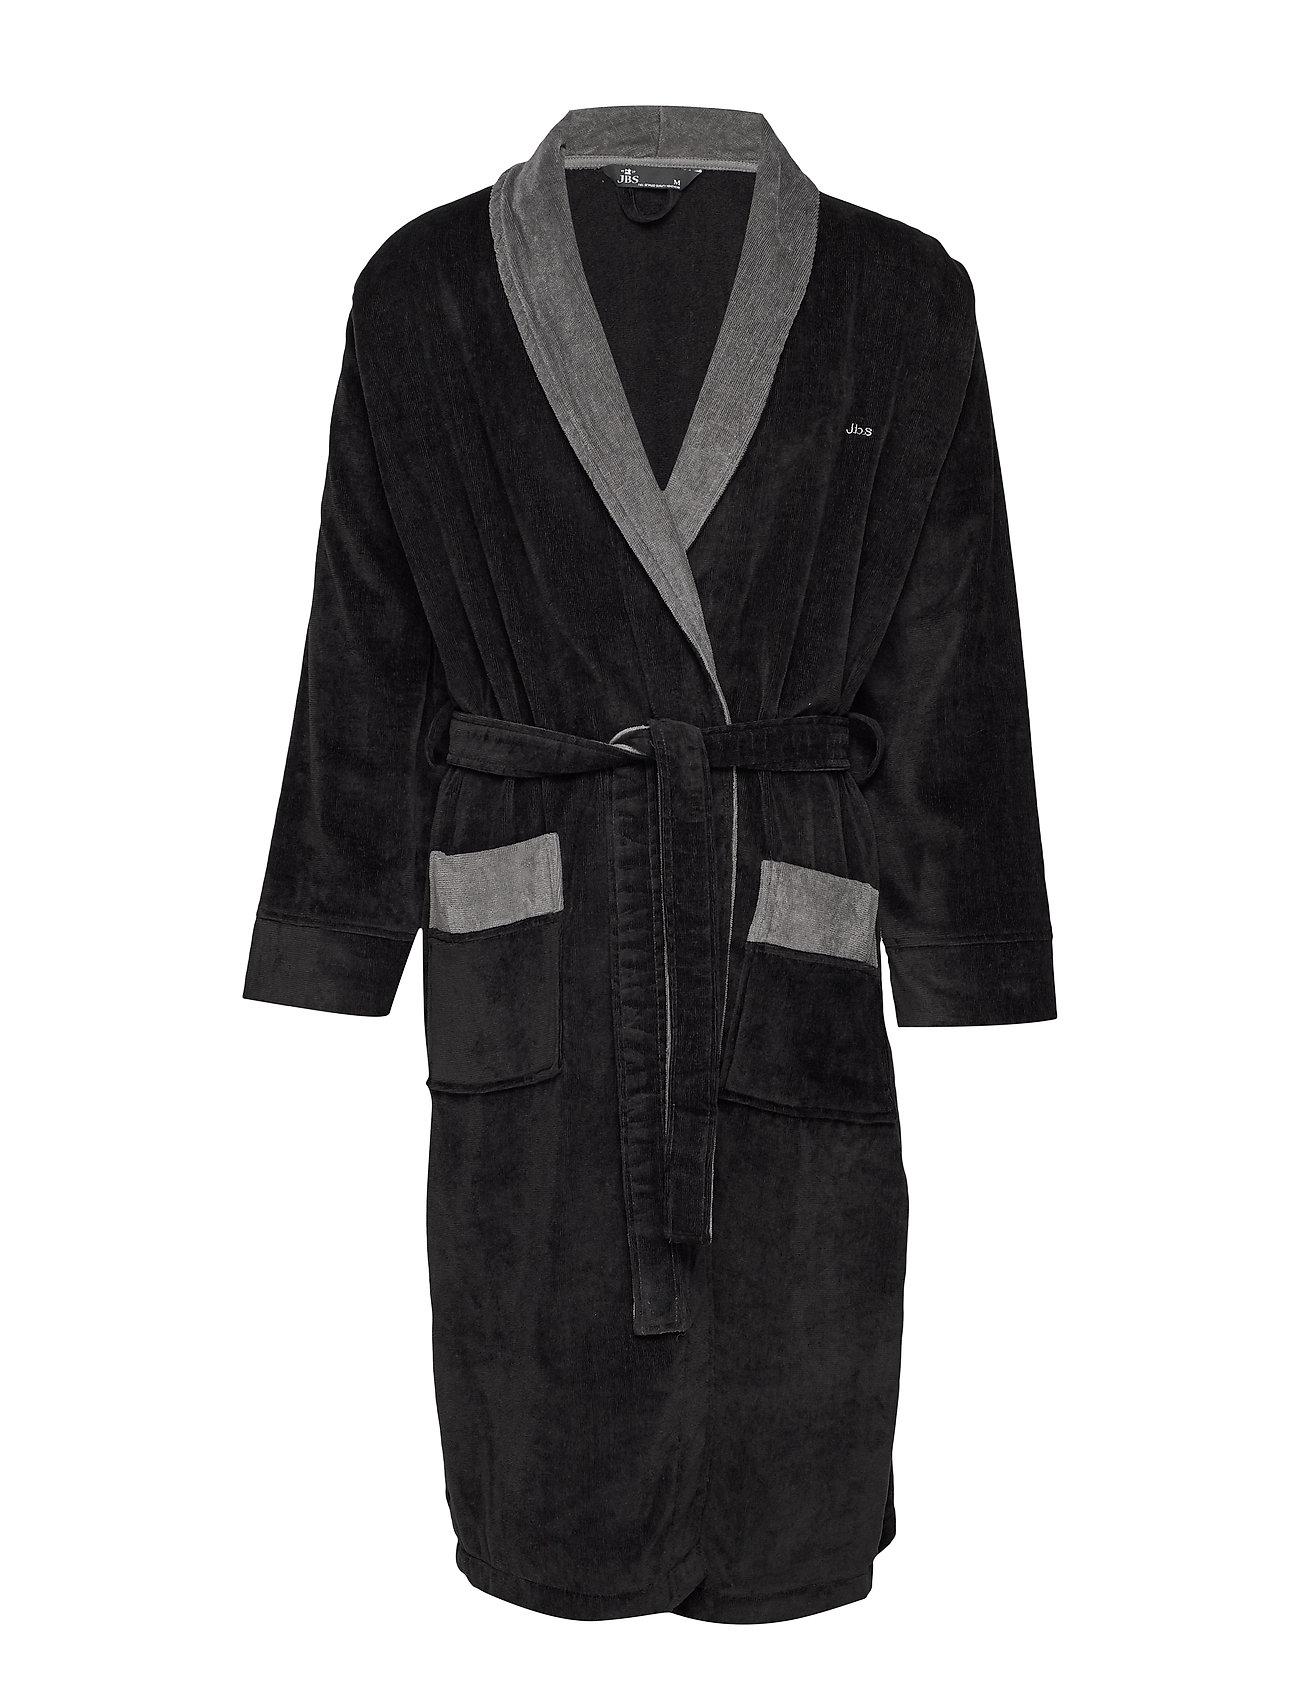 JBS JBS bathrobe - BLACK/GREY